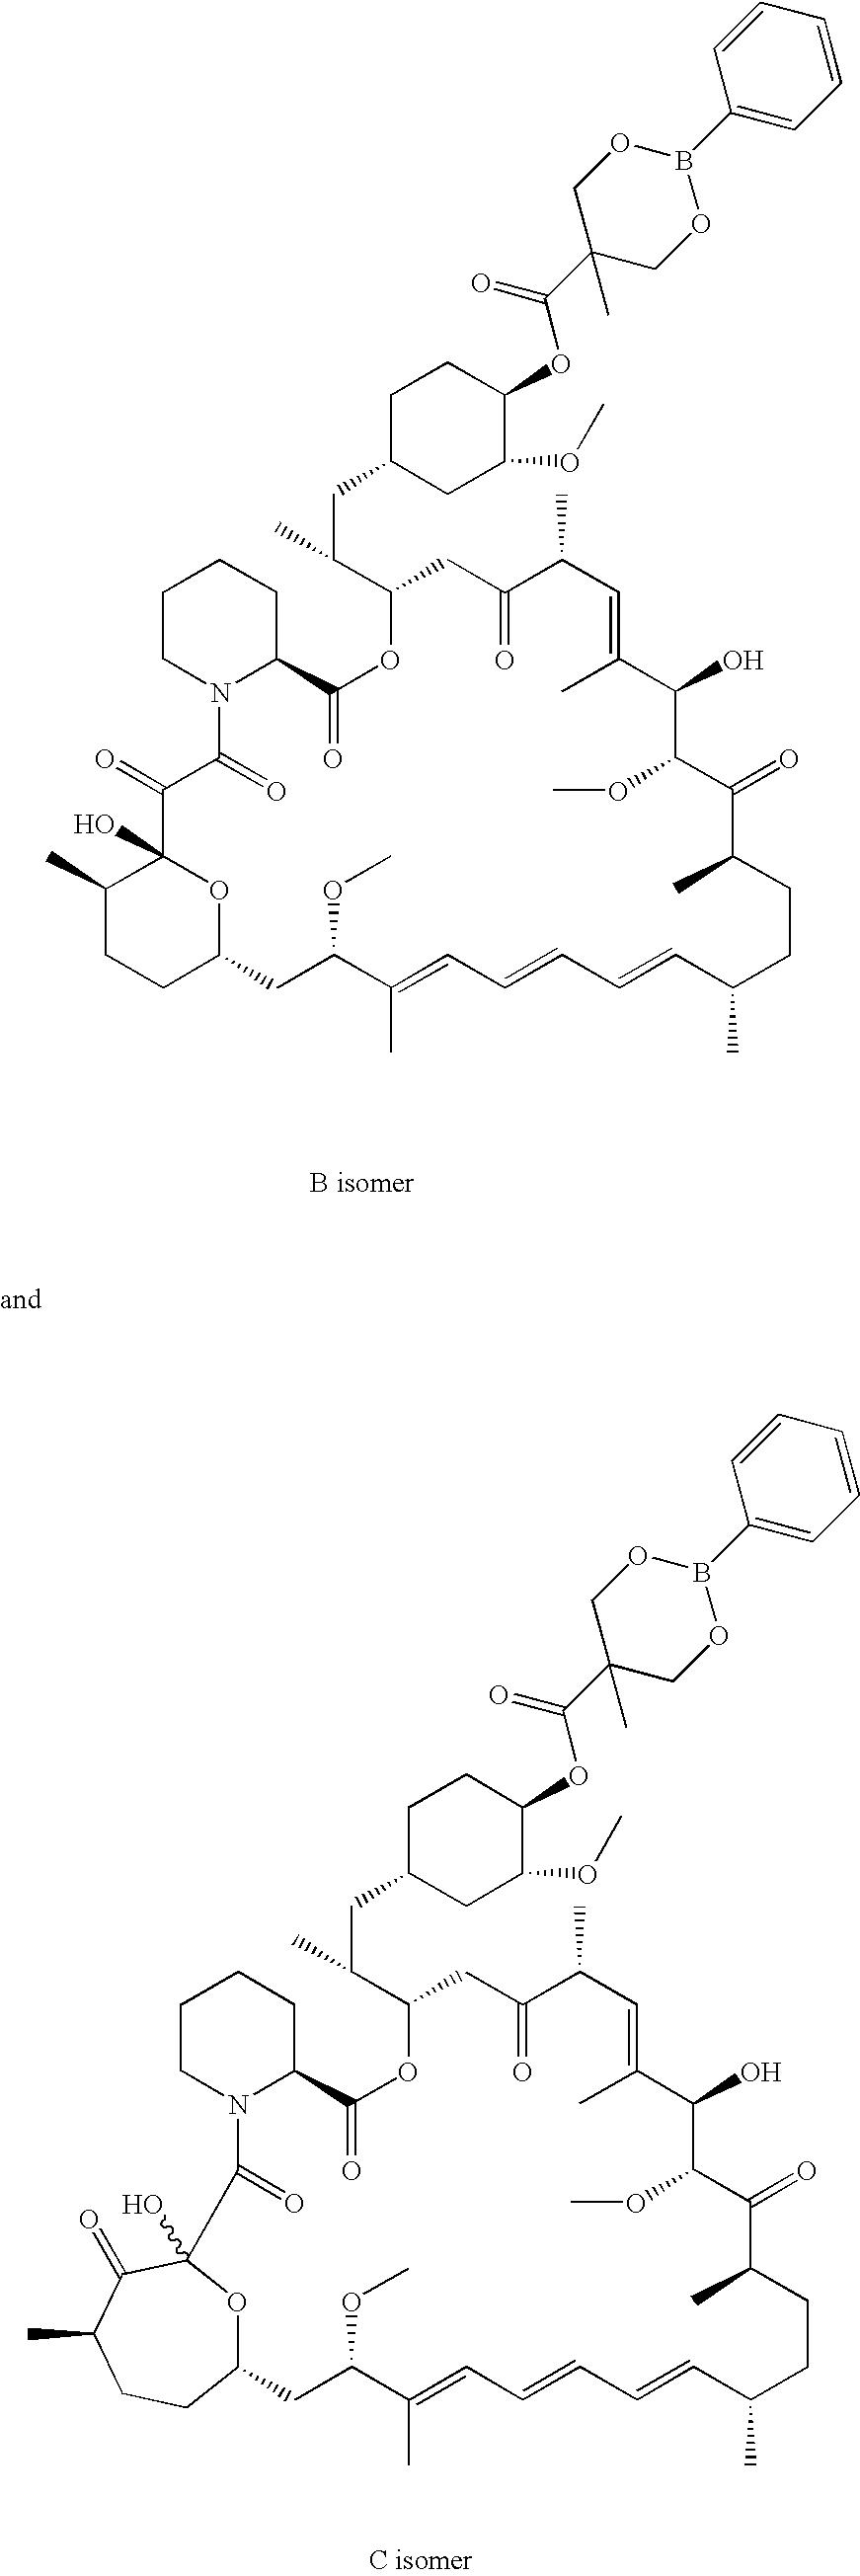 Figure US07153957-20061226-C00011